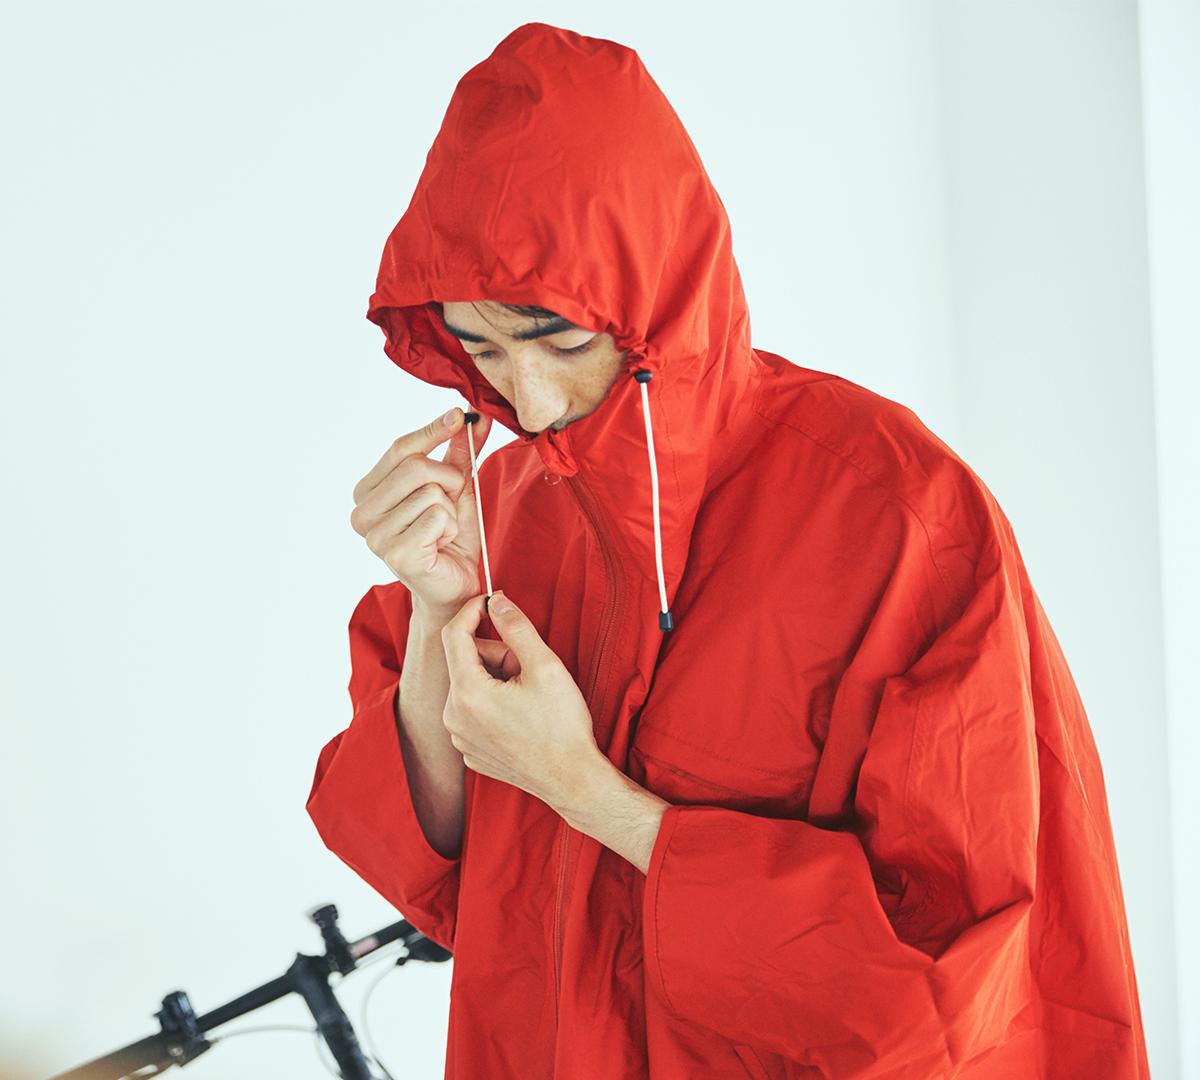 フードは、顔にフィットするように調節できる、ドローコードつき。雨の日も両手フリー、濡れない、蒸れにくい「ポンチョ」|U-DAY PONCHO(ユーデイ ポンチョ)